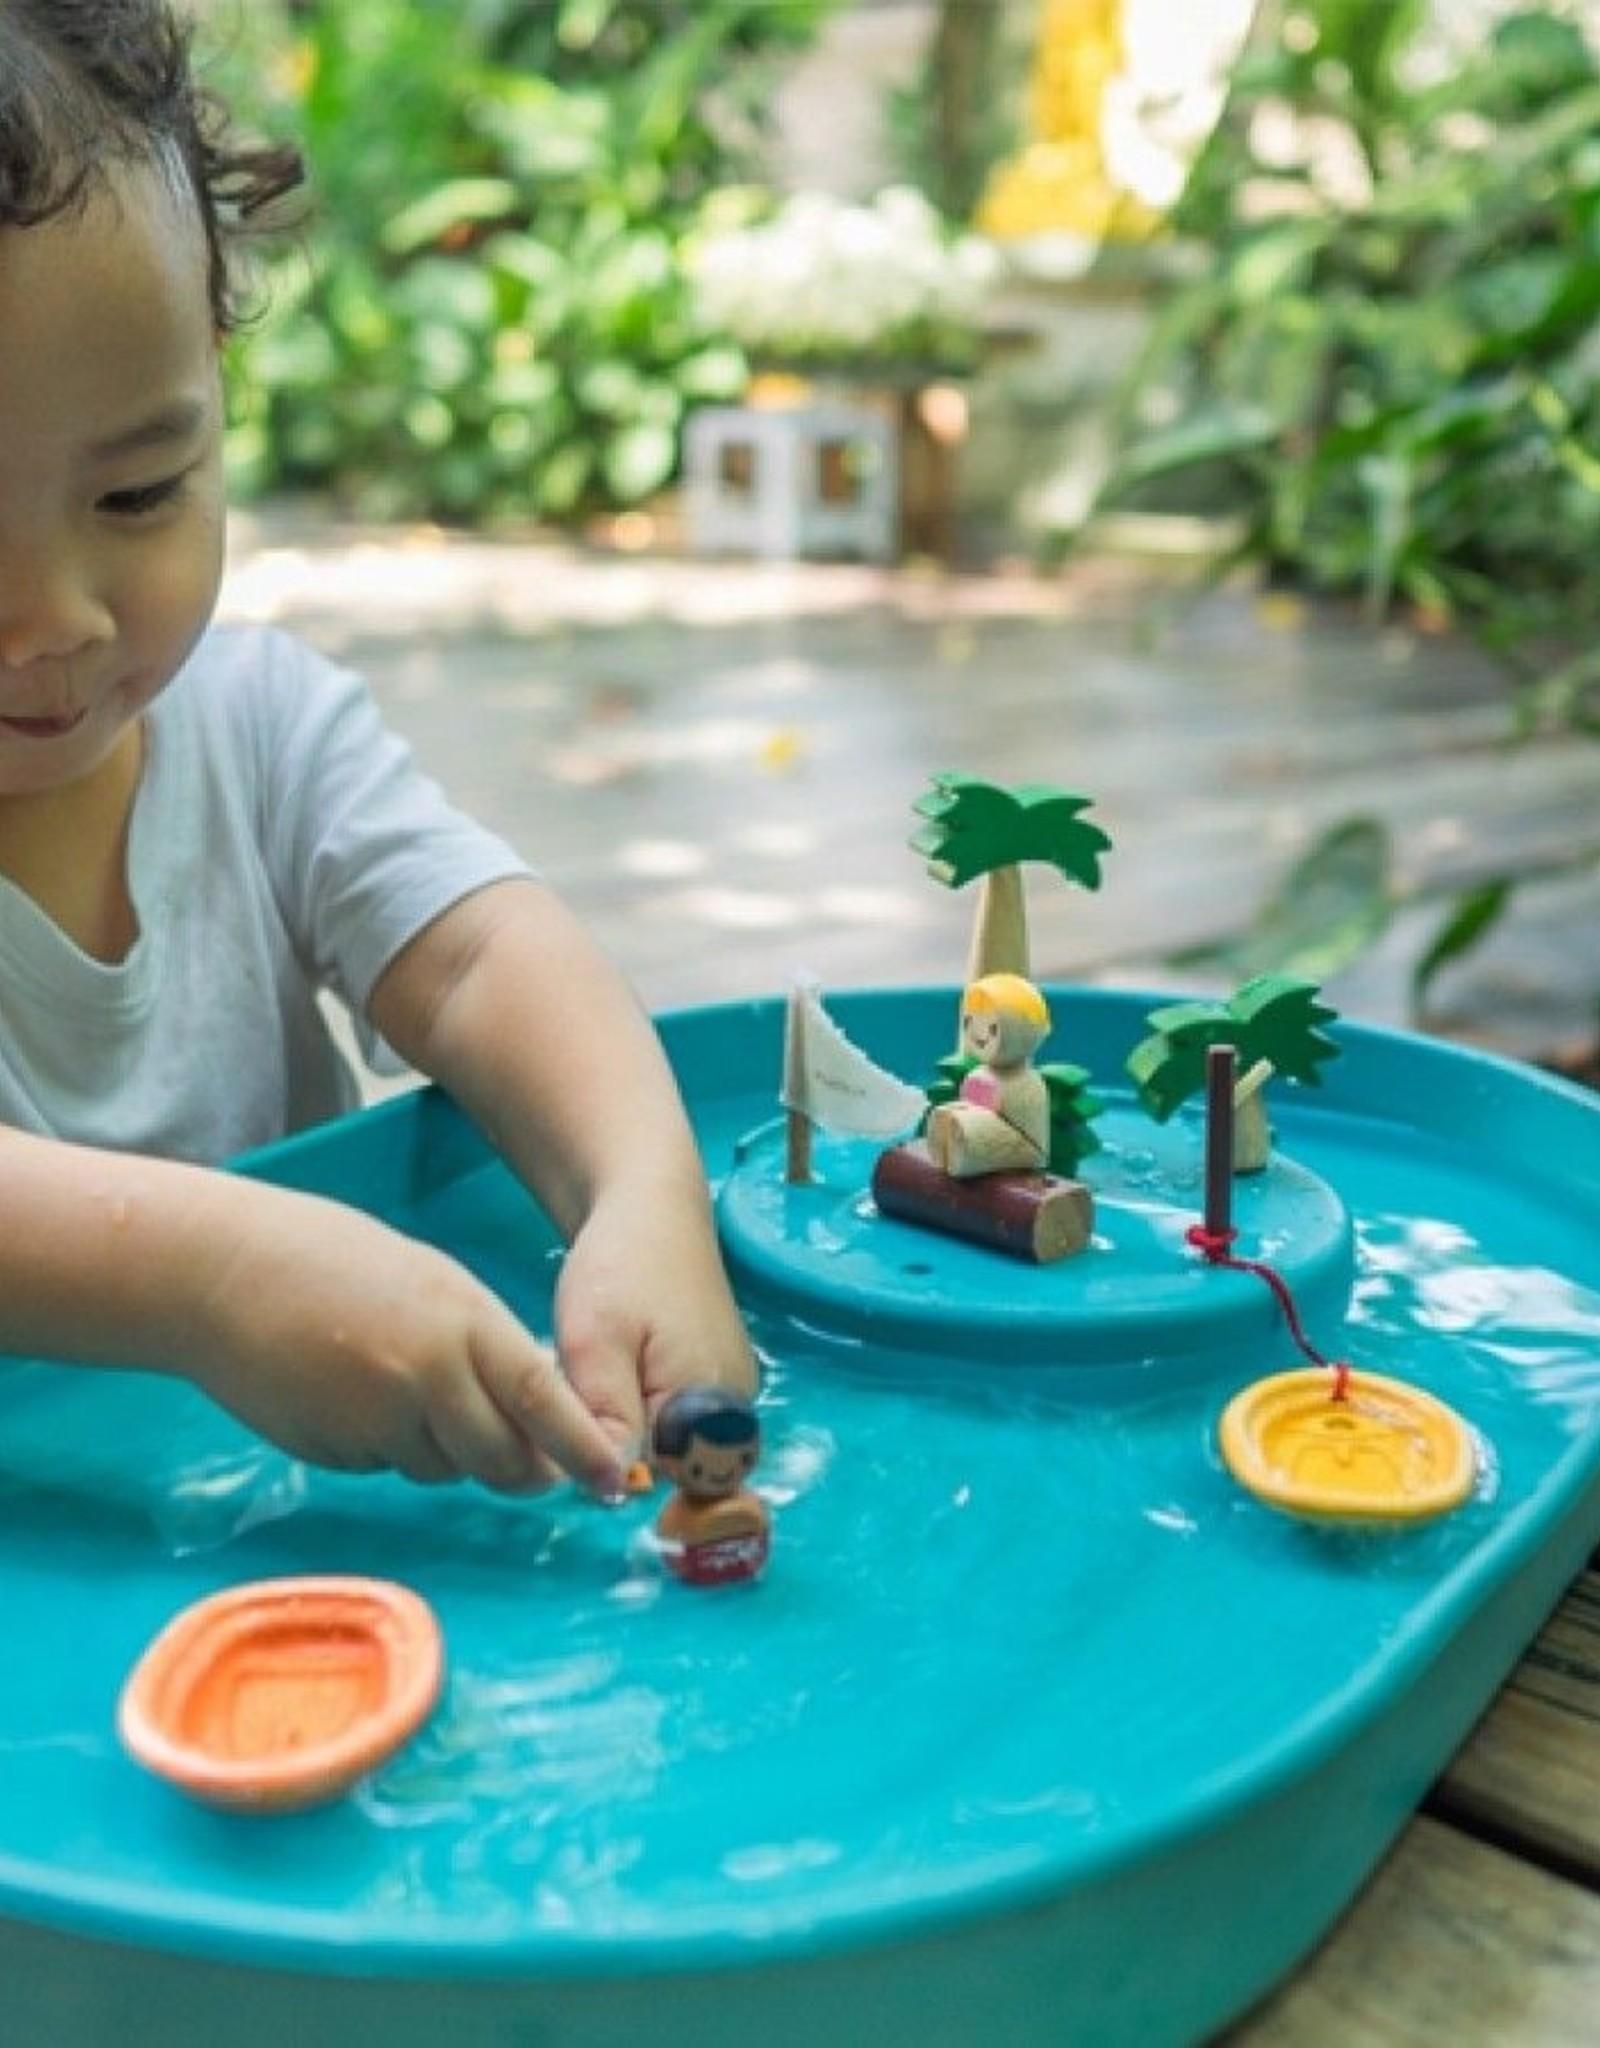 Plan Toys Plan Toys - WATER PLAY SET